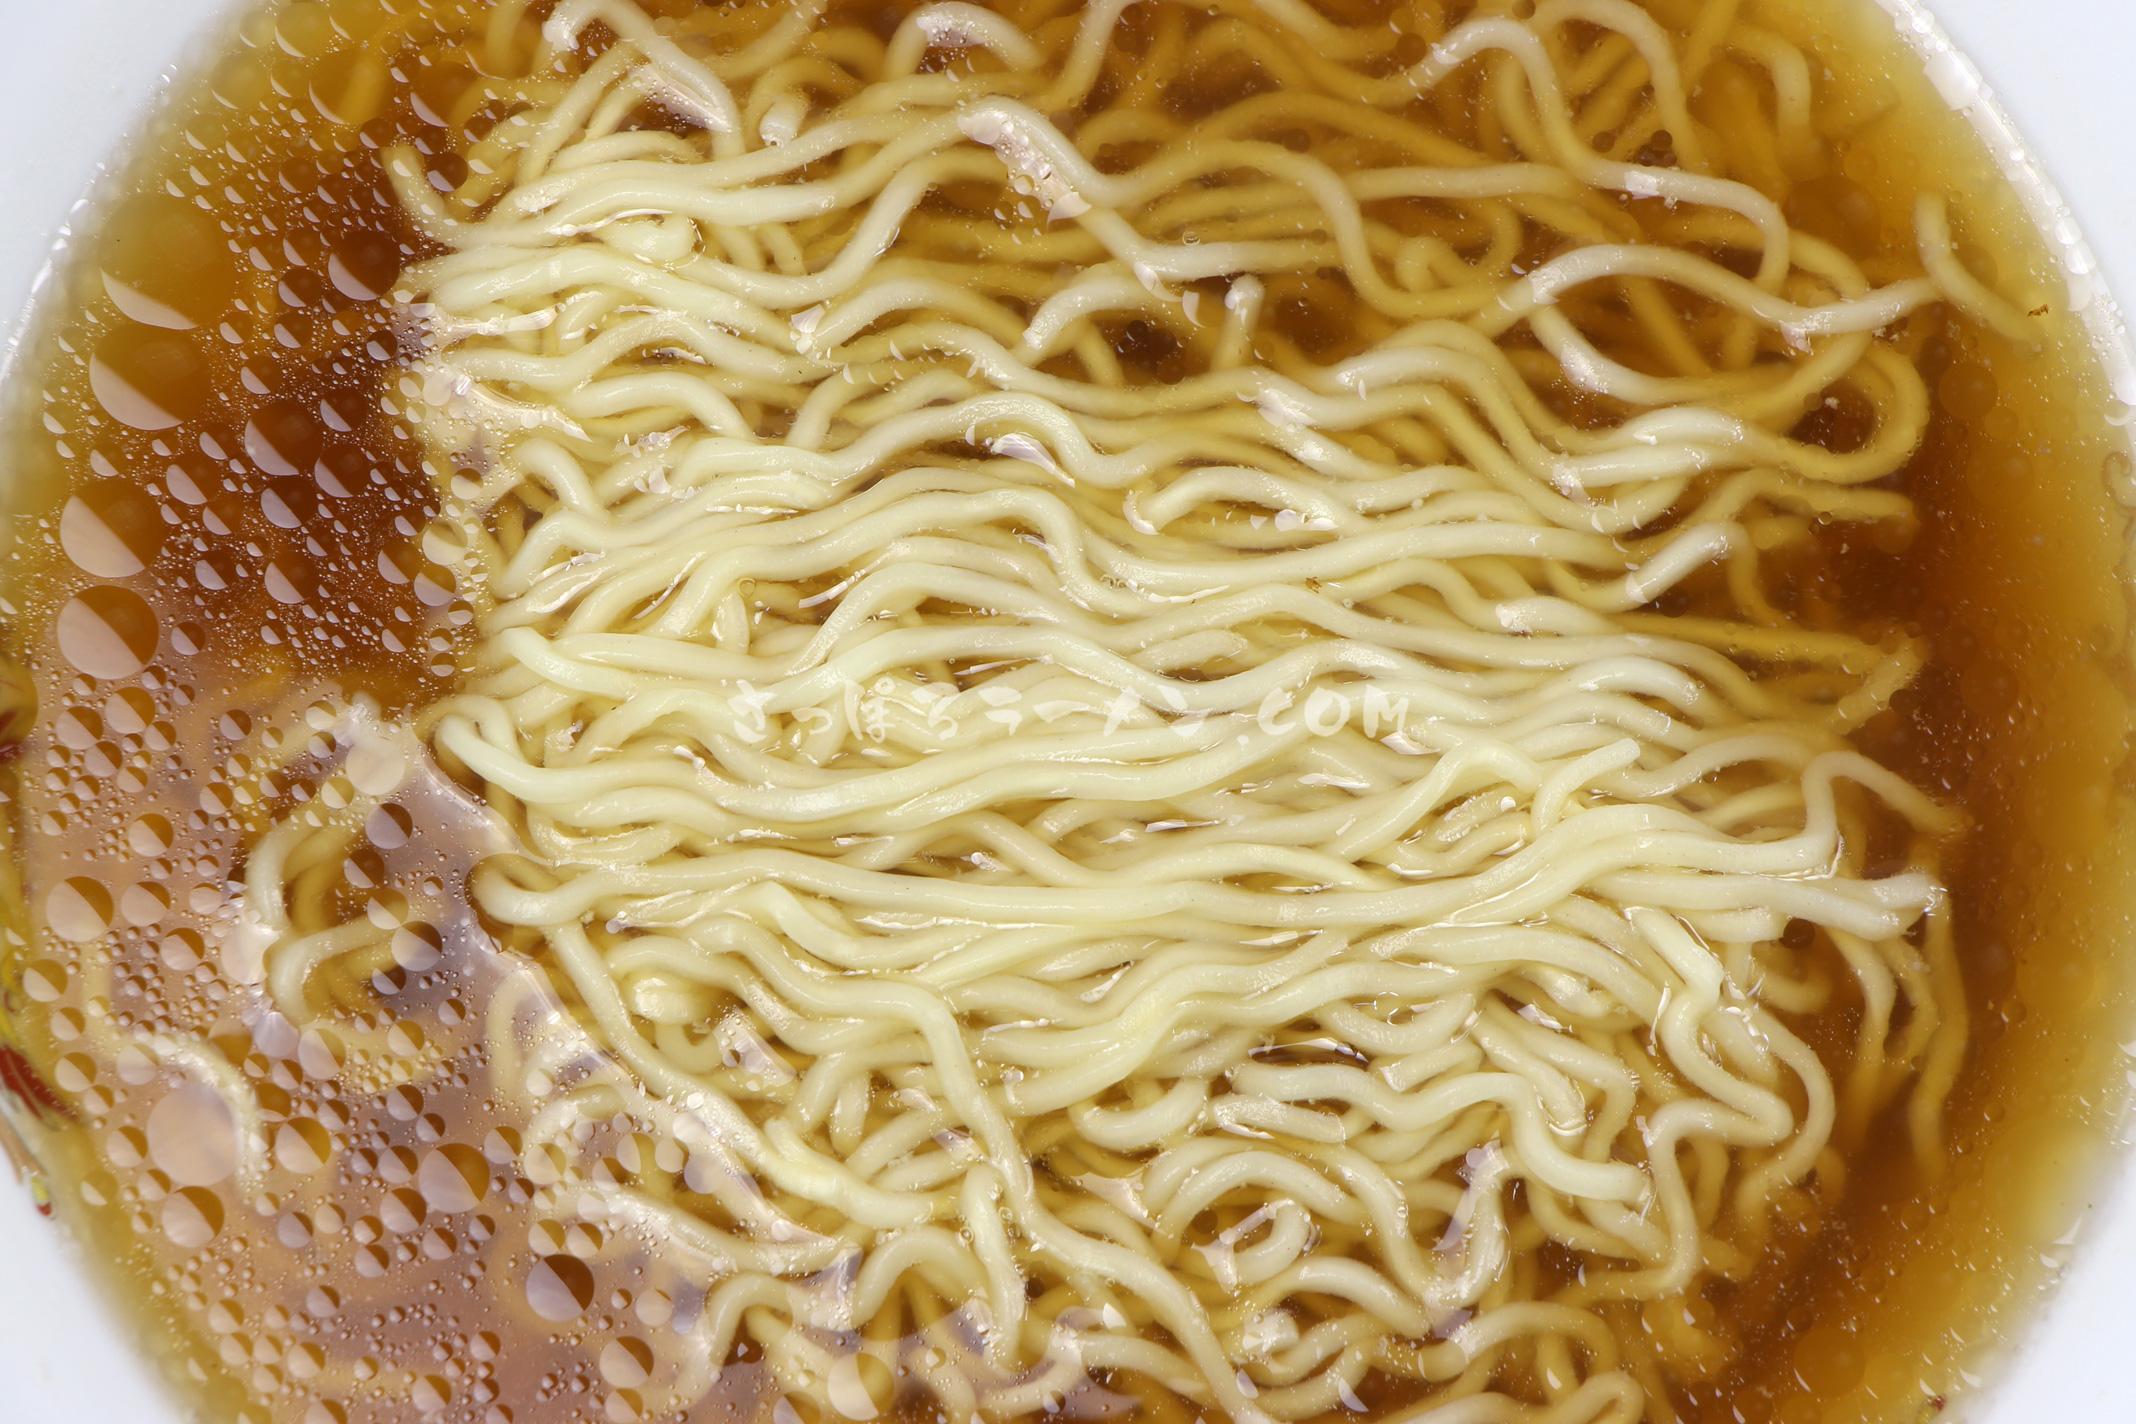 「北海道限定 鮭ぶしラーメン 醤油味」(スノウショップ)の麺